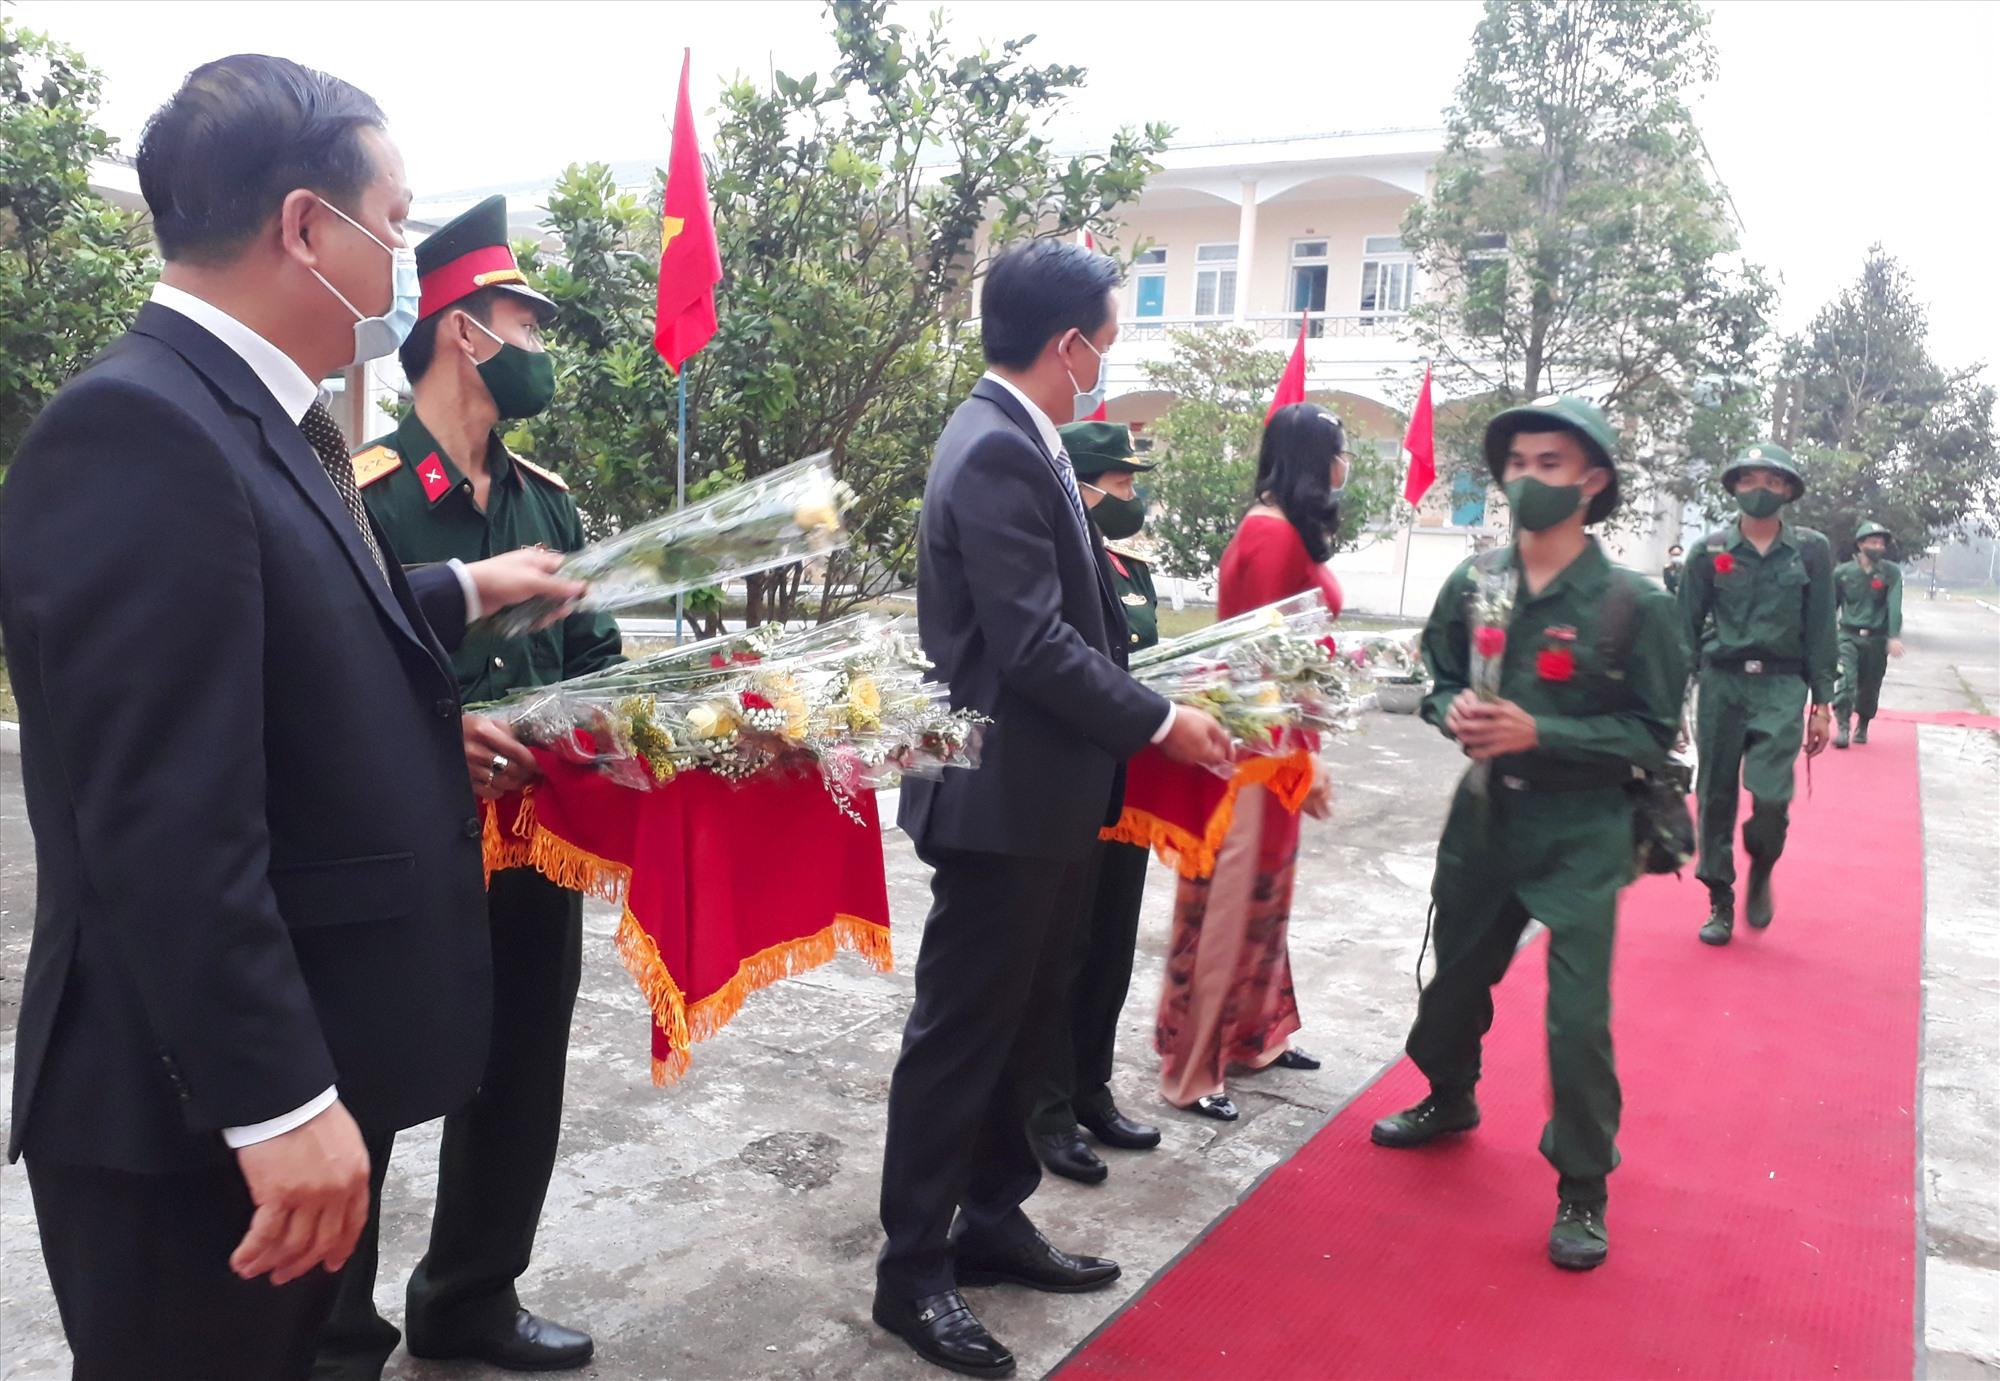 Lãnh đạo huyện Quế Sơn tặng hoa chúc mừng các tân binh. Ảnh: T.L